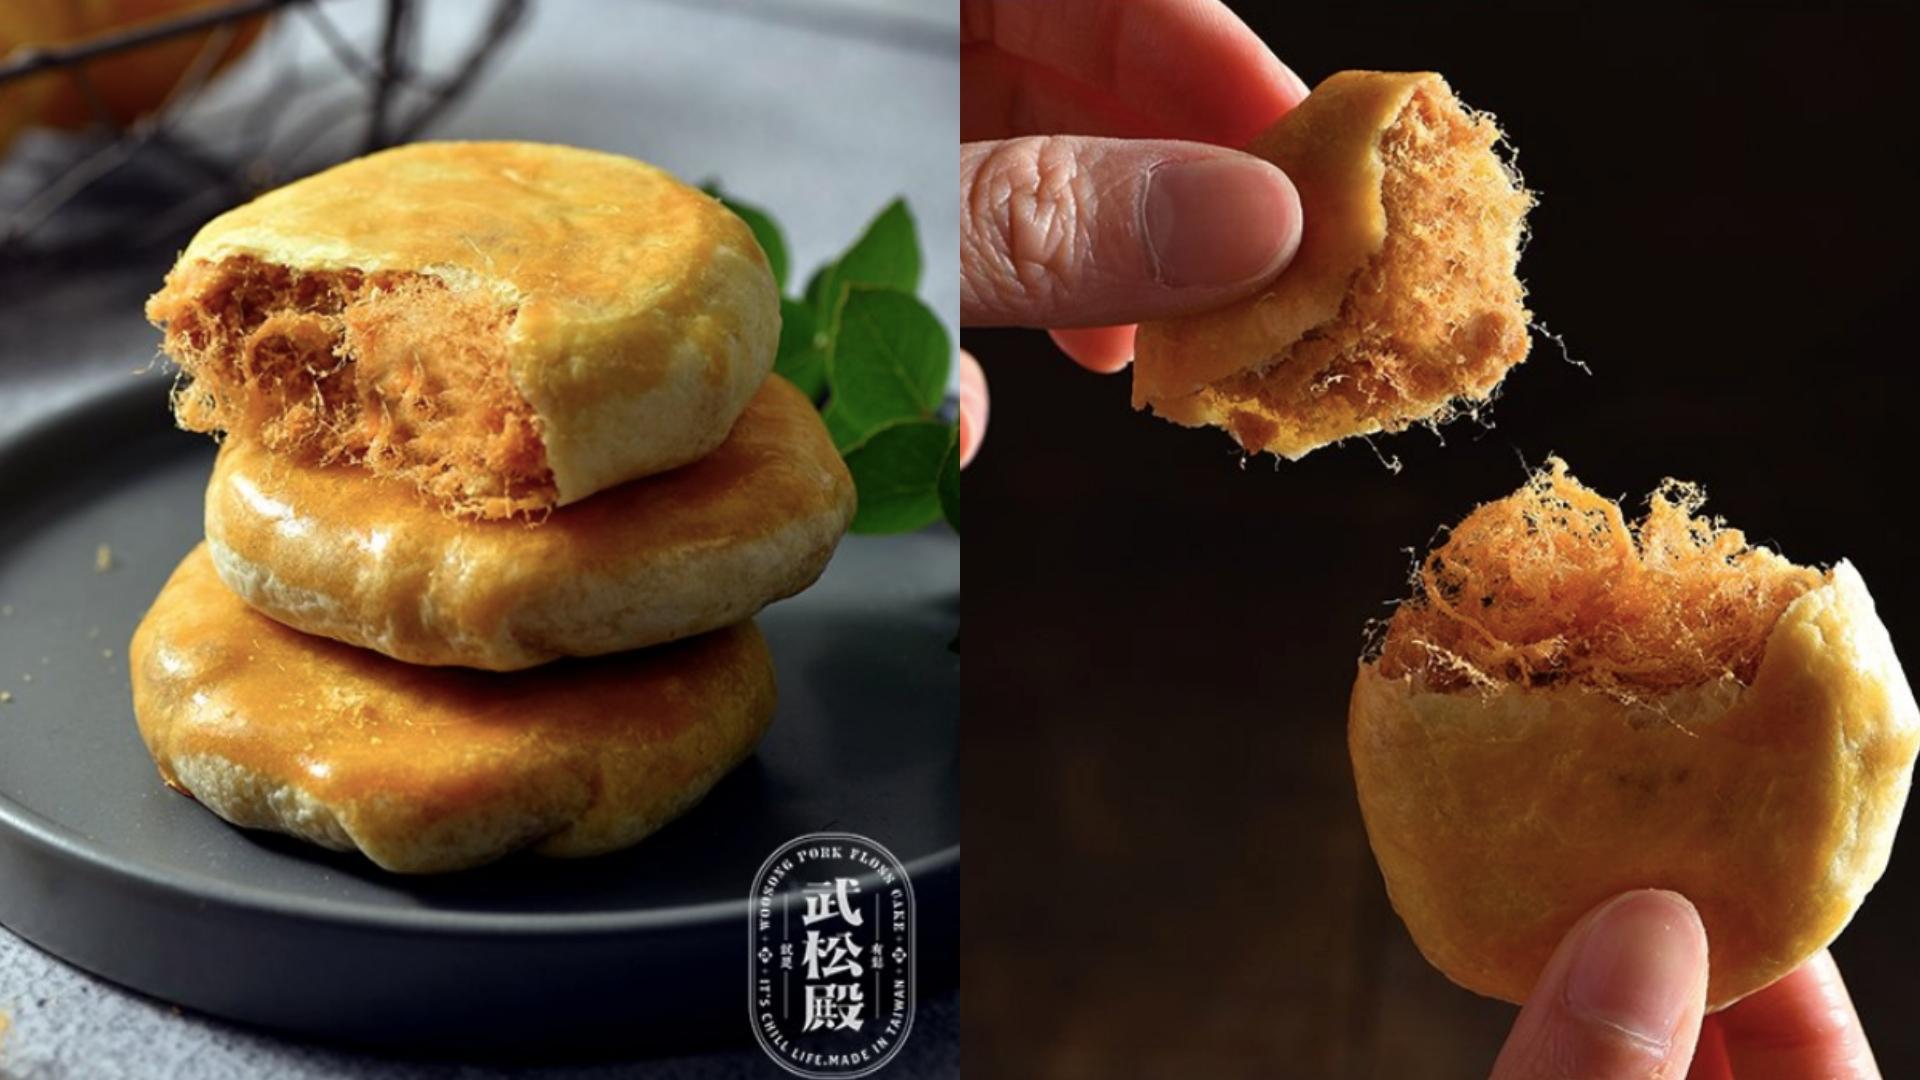 以薄脆的綠豆椪餅皮包裹,裡面是滿滿的肉鬆,加上不會太大顆的小巧造型,吃下去真的超級滿足。